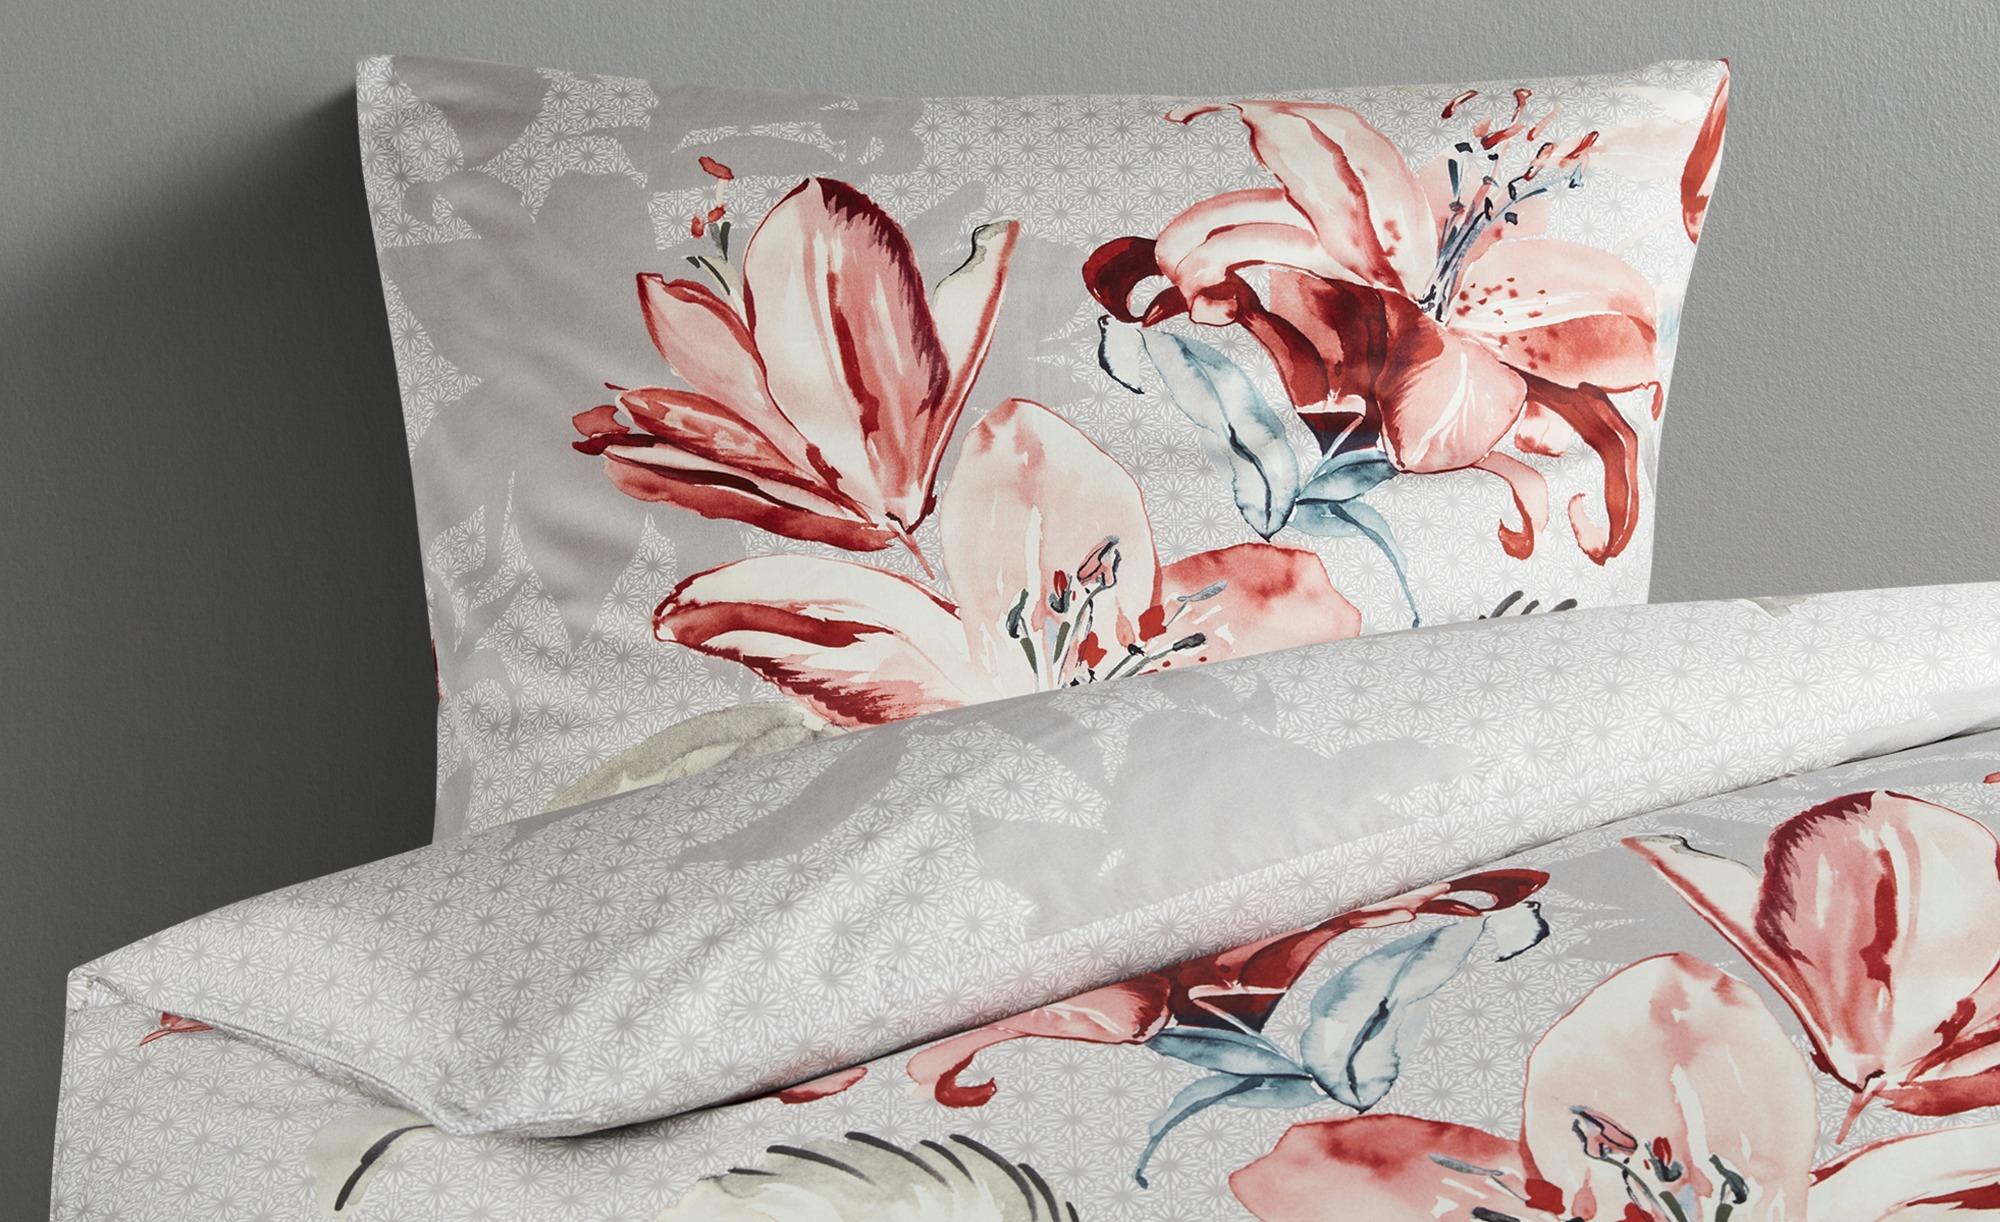 Belcampo Satin Bettwäsche  ED-284 Floral ¦ grau ¦ 100% Baumwolle ¦ Maße (cm): B: 135 Bettwaren > Bettwäsche-Sets > weitere Bettwäschesets - Höffner